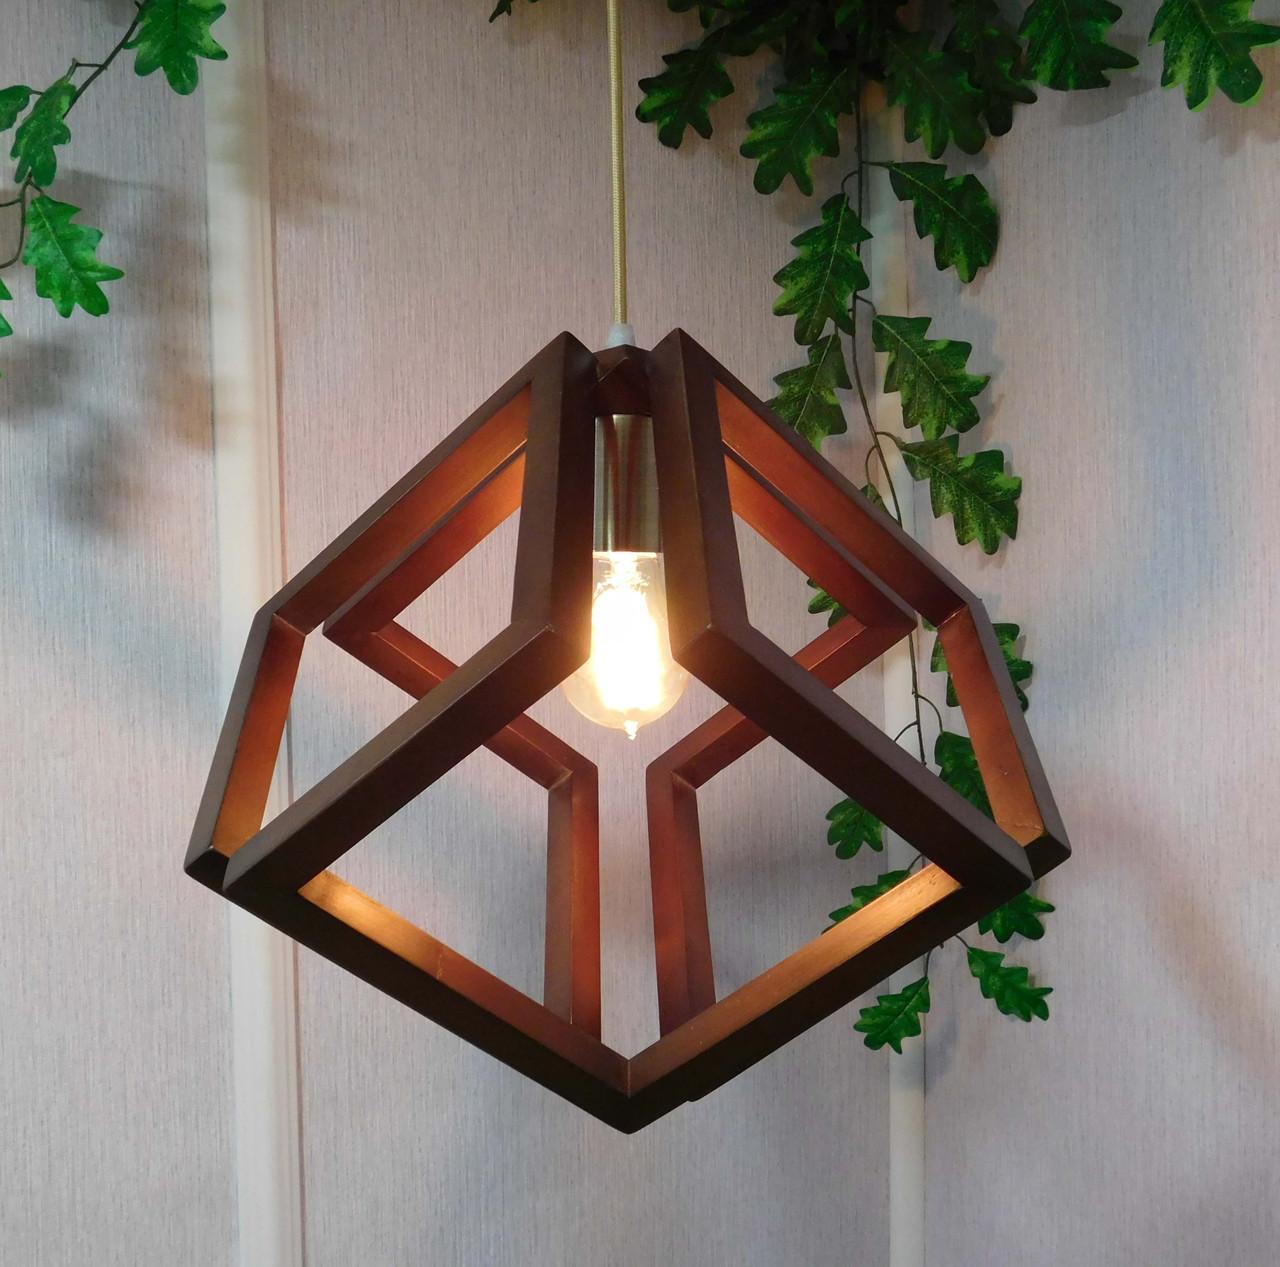 подвесной светильник из первосортного дерева современный стиль бесконечный контур квадрата продажа цена в николаеве люстры от Lightstock